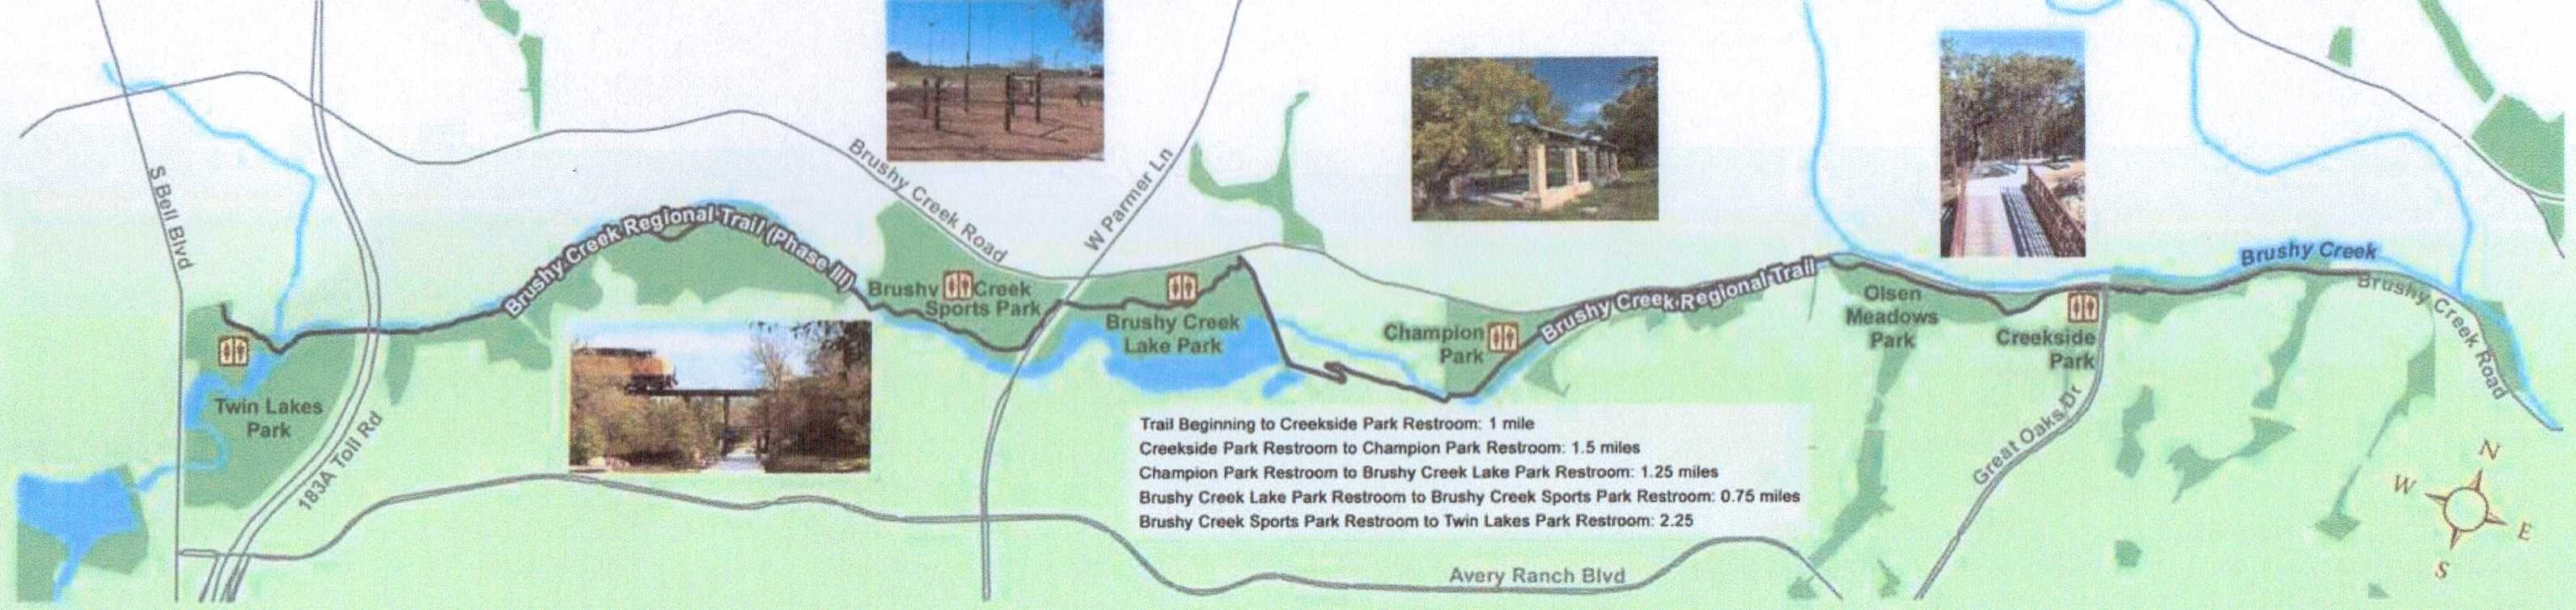 Cedar park tx brushy creek lake park regional trail